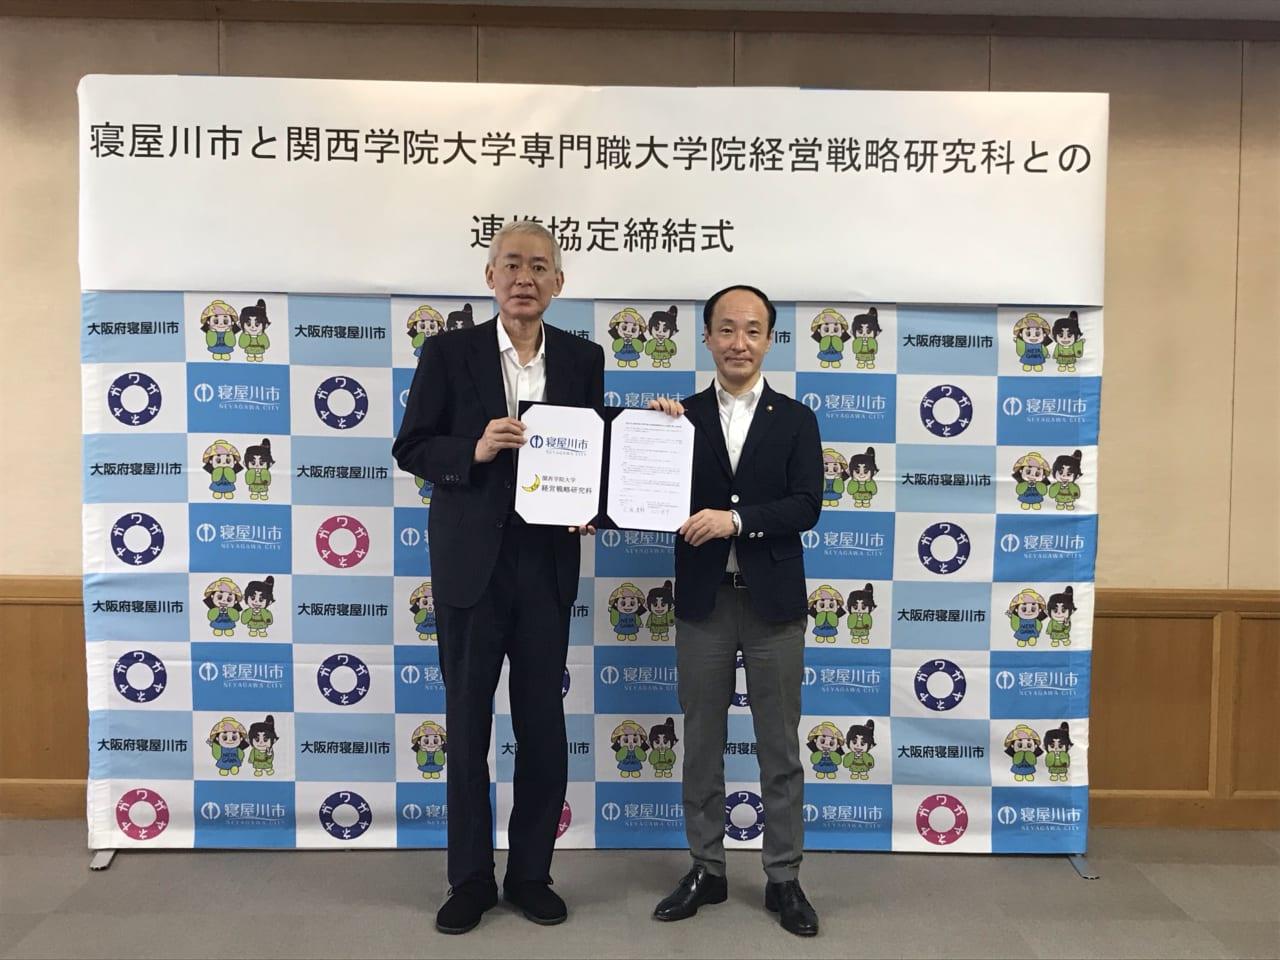 関西学院大学と連携